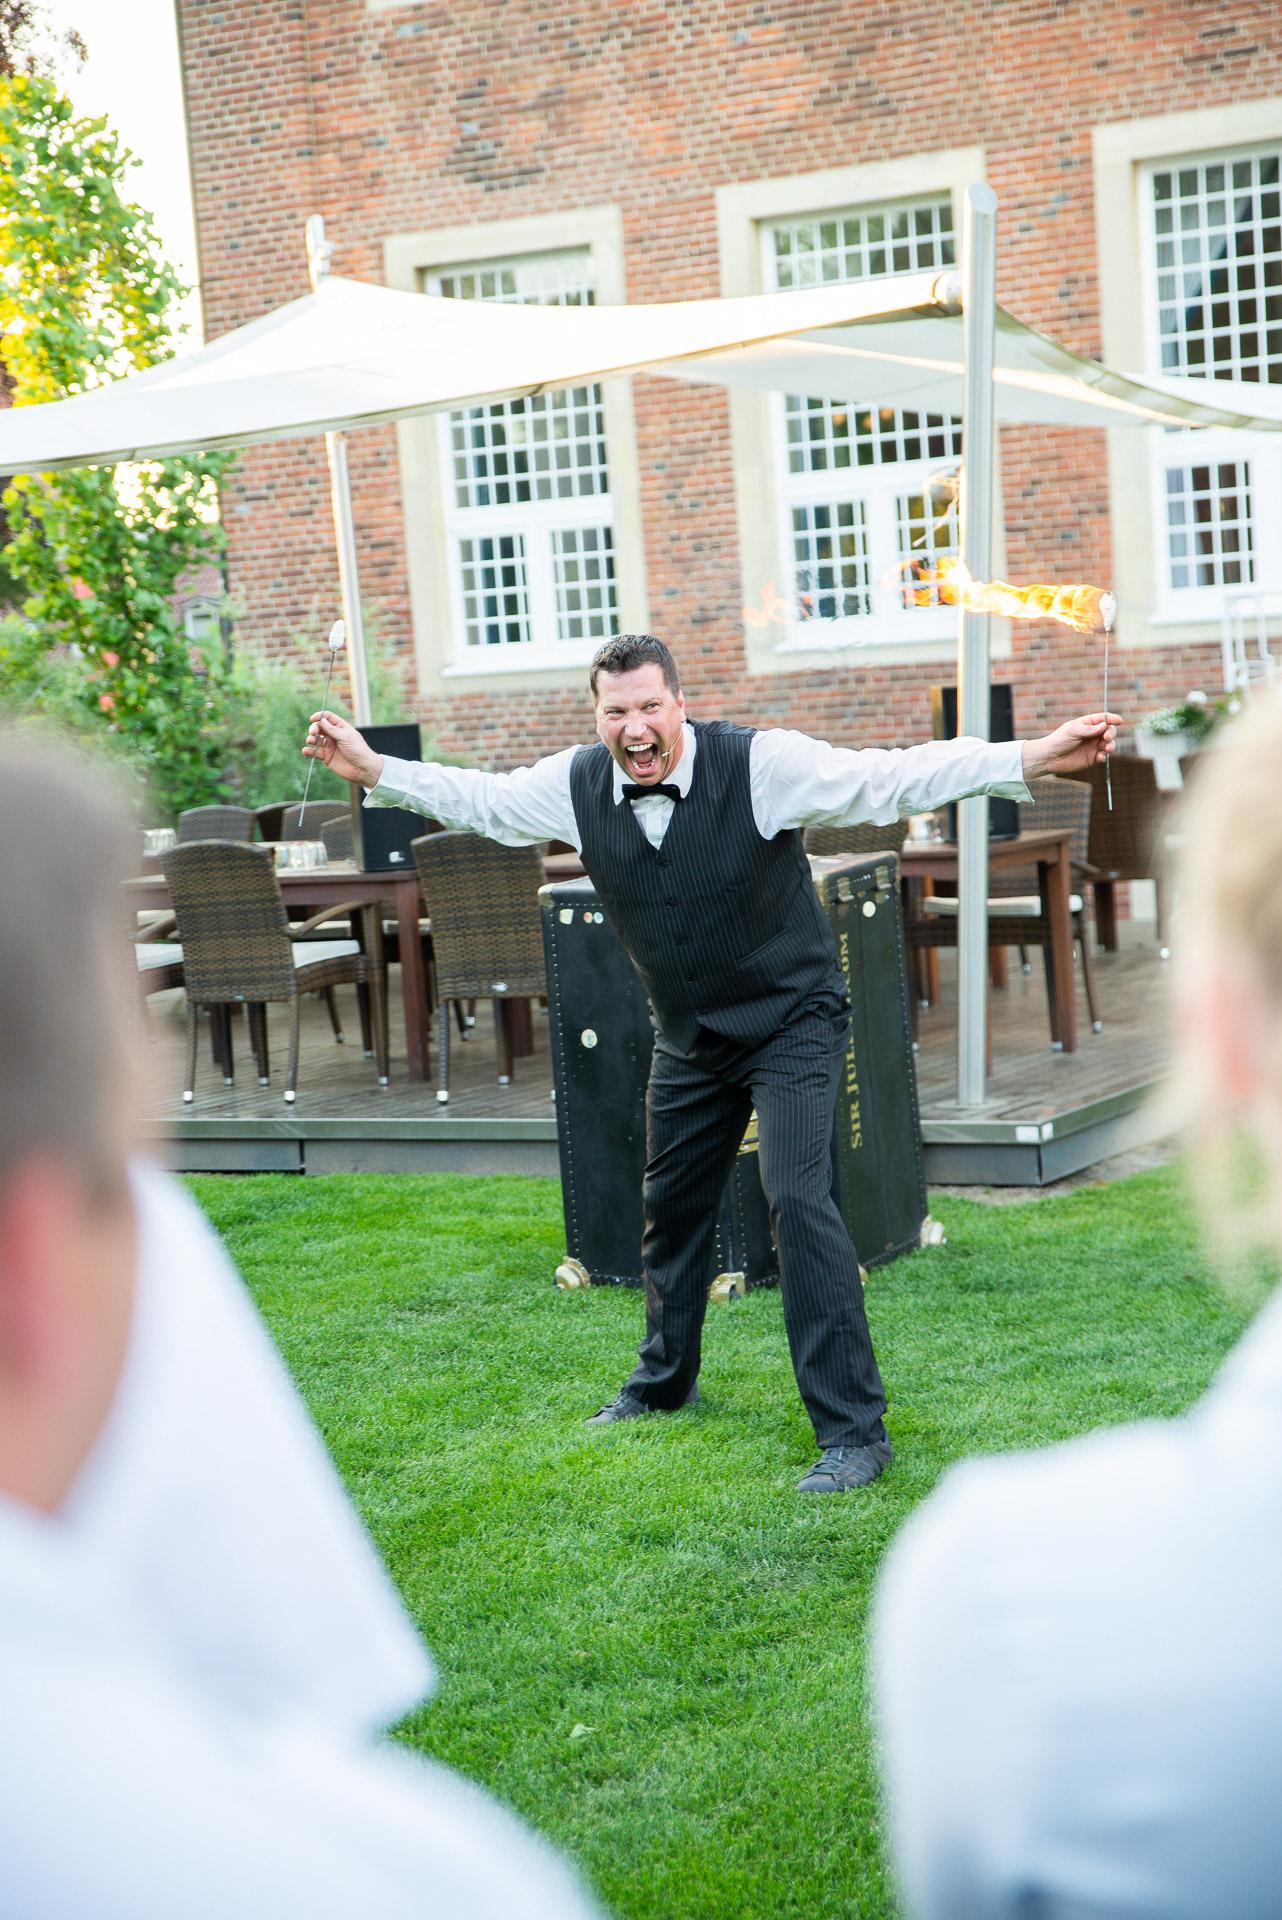 Sir Julian der Showact für Ihr Event und jeden feierlichen Anlass. Firmenfeier, Jubiläum, Gala, internationales Strassenkünstlerfestivals und Hochzeiten. Feuerjonglage, Feuerschlucken, mit Comedy Artistik . Waghalsige Akrobatik auf einem Rola Bola und das Publikum wird mitgerissen in spontaner Situationskomik. Ballonzauber rasante Jonglagen und Fingerspiele begeistern das Publikum. Die Comedyshow bringt wahre Helden auf die Bühne und entlässt sie wieder umjubelt in die Galagäste. Hier ist der Entertainer und Unterhaltungskünstler bei einer Gala im Sportschloss Velen.